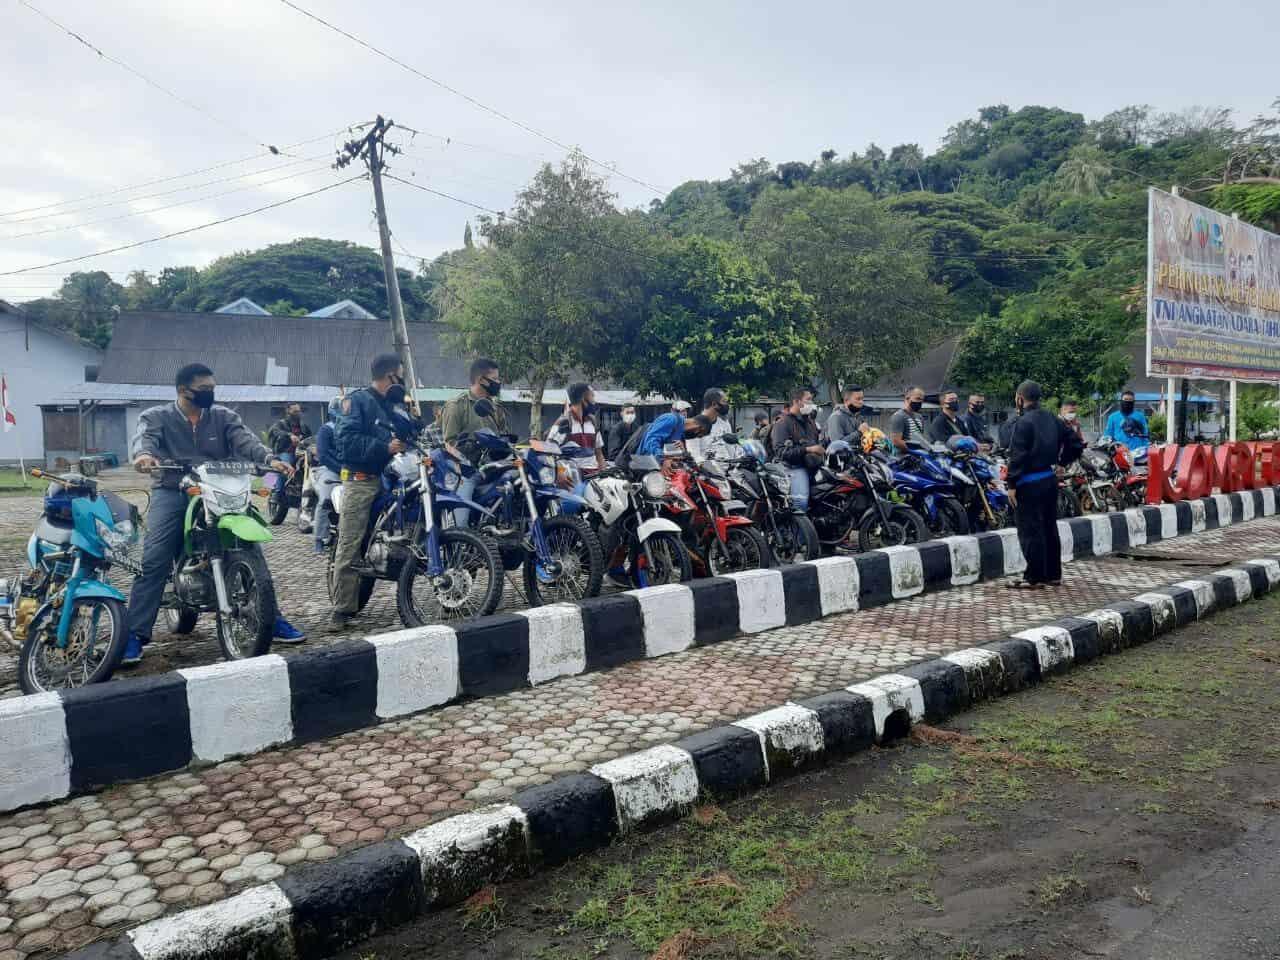 Pengobat Rindu Para Bikers Lanud MUS, Gelar Touring Telusuri Keindahan Pulau Perbatasan Sekaligus Sosialisasi Akan Pentingnya Masker Dalam Berkendara.